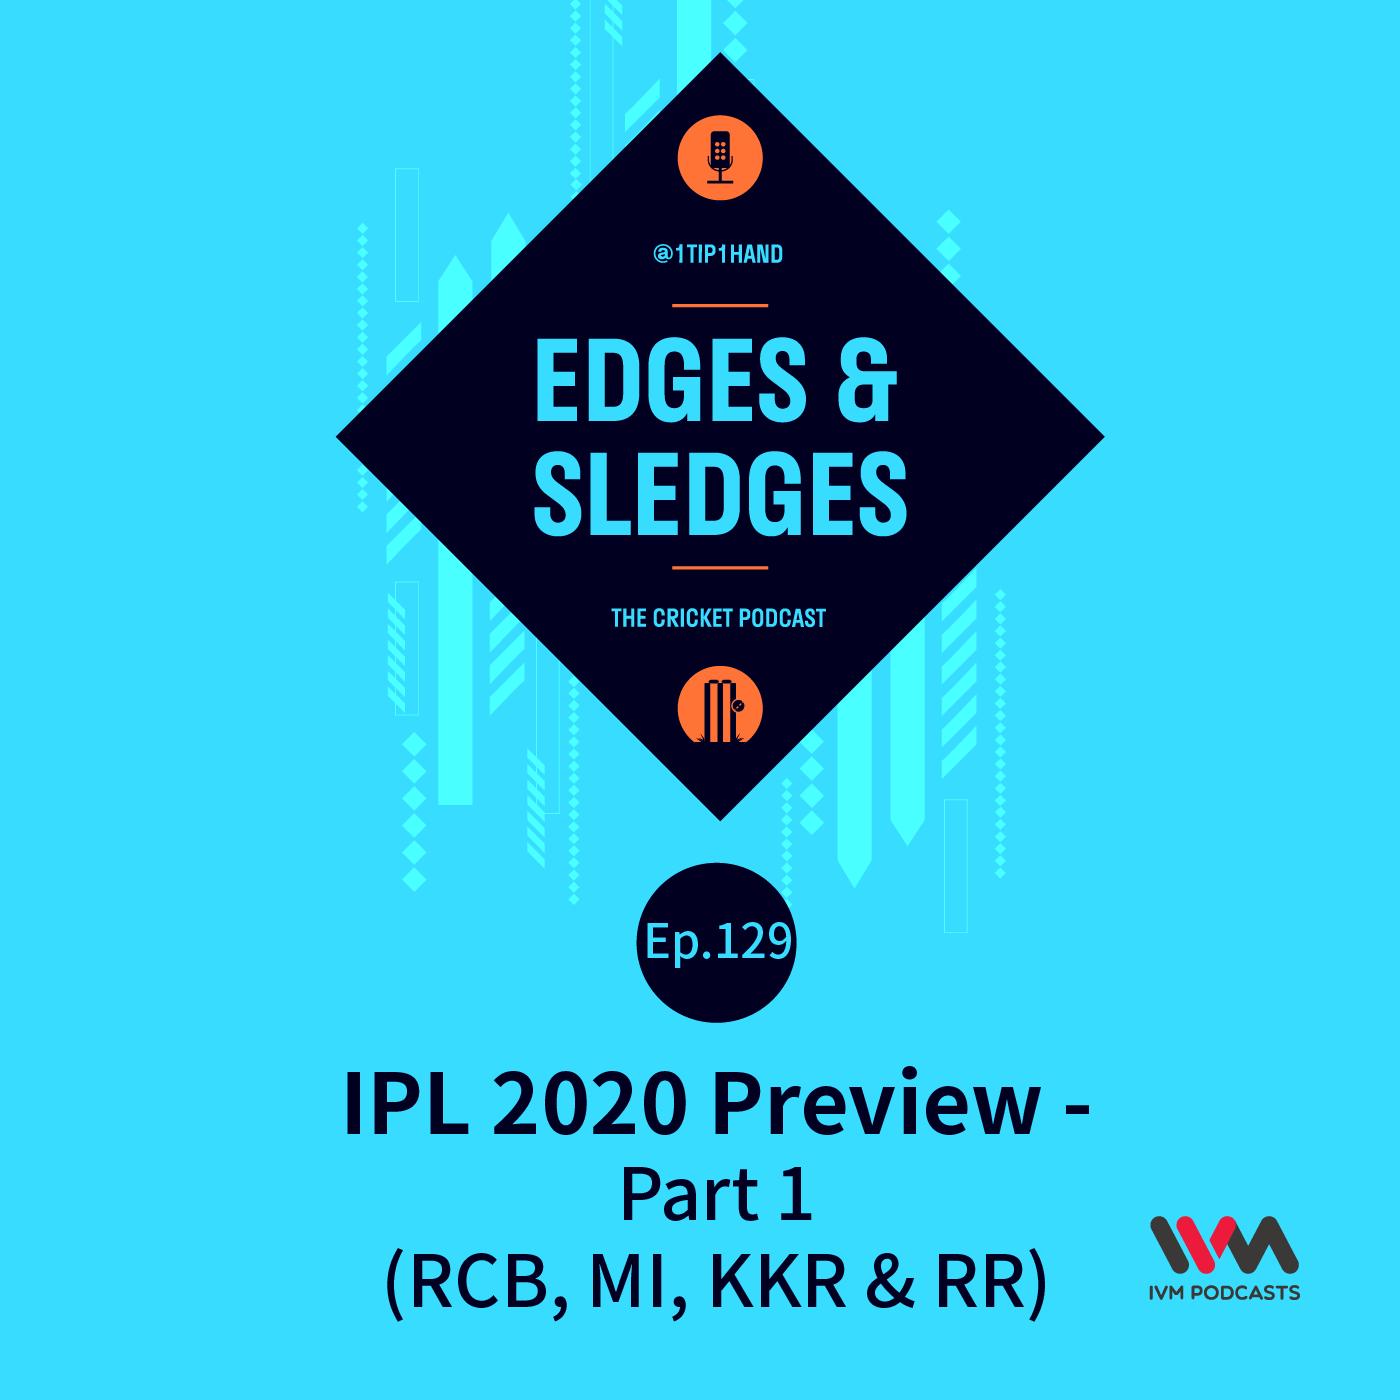 Ep. 129: IPL 2020 Preview - Part 1 (RCB, MI, KKR & RR)